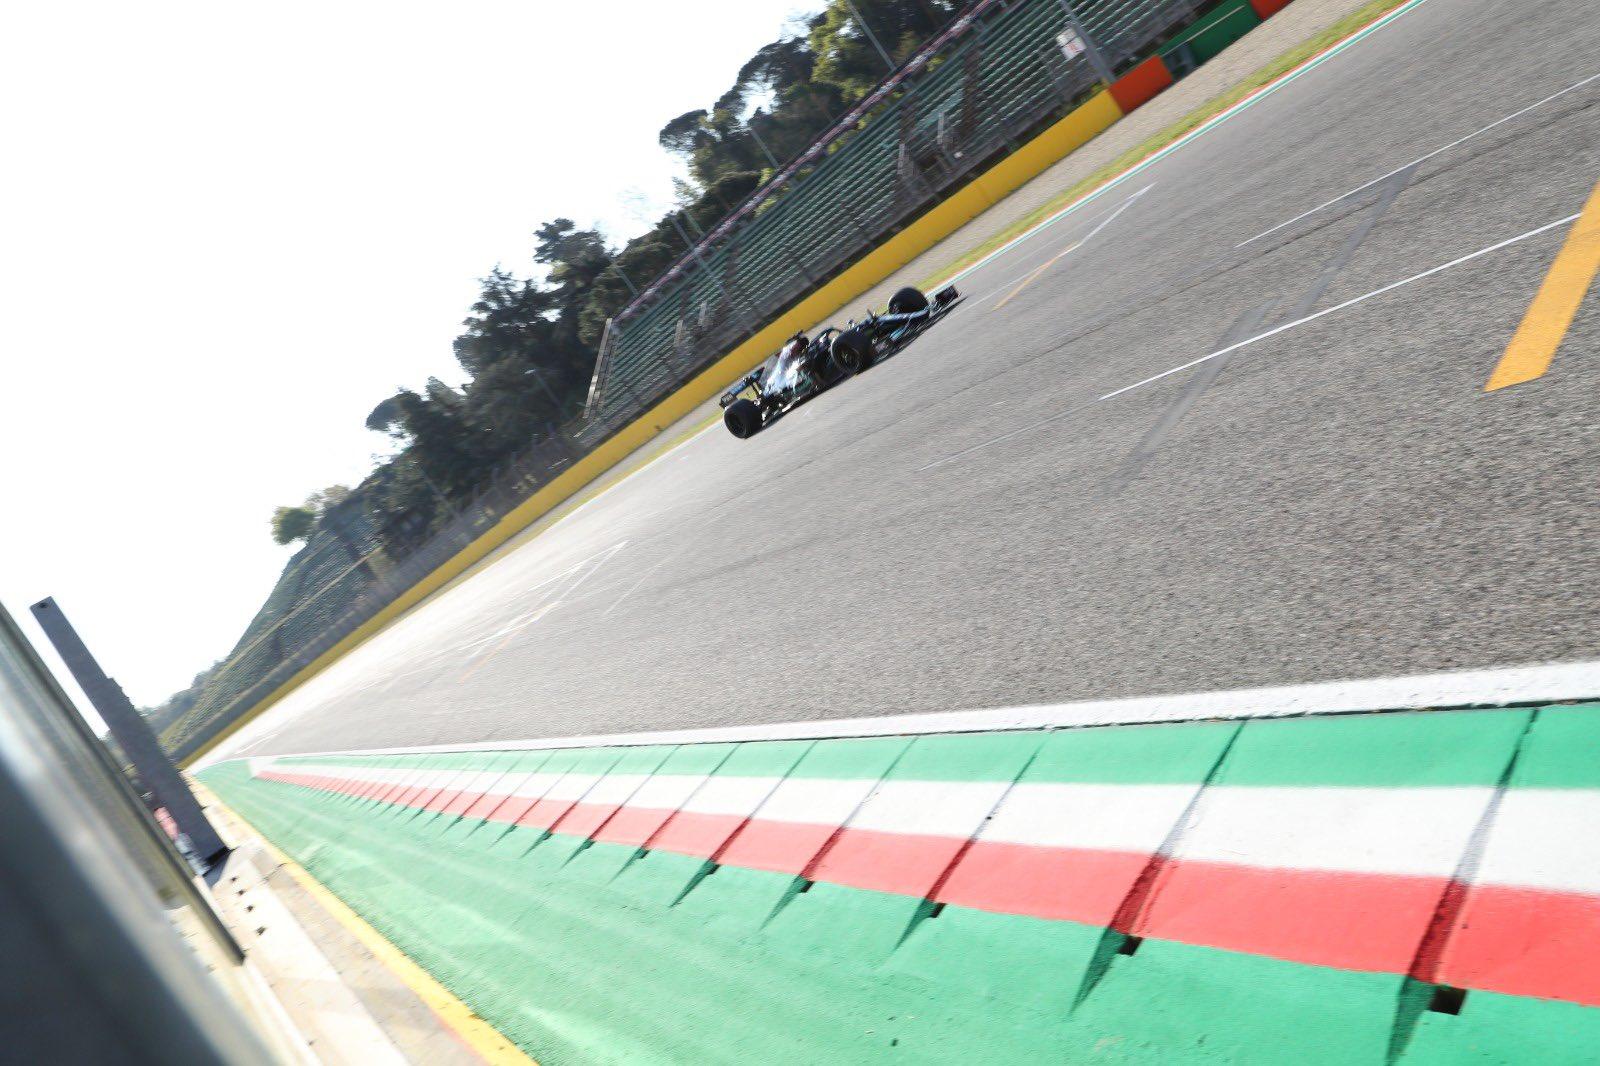 Lewis Hamilton, Pirelli 18 inch tyre test, Imola, 2021